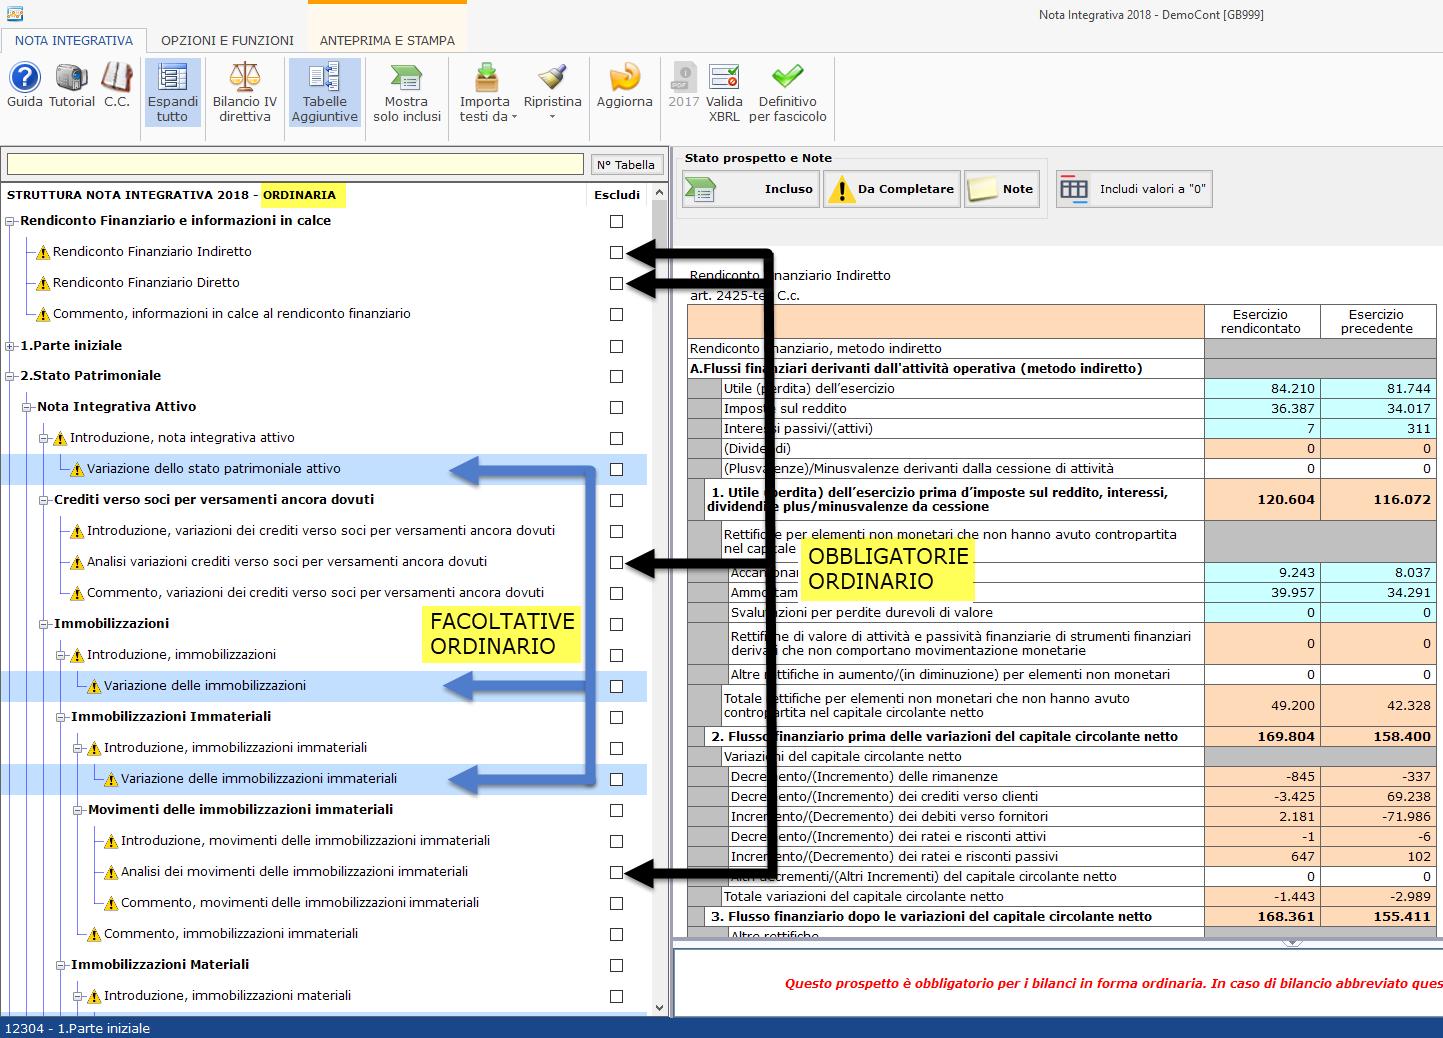 Nota Integrativa: tabella XBRL obbligatoria in assenza del fenomeno di bilancio? - 1